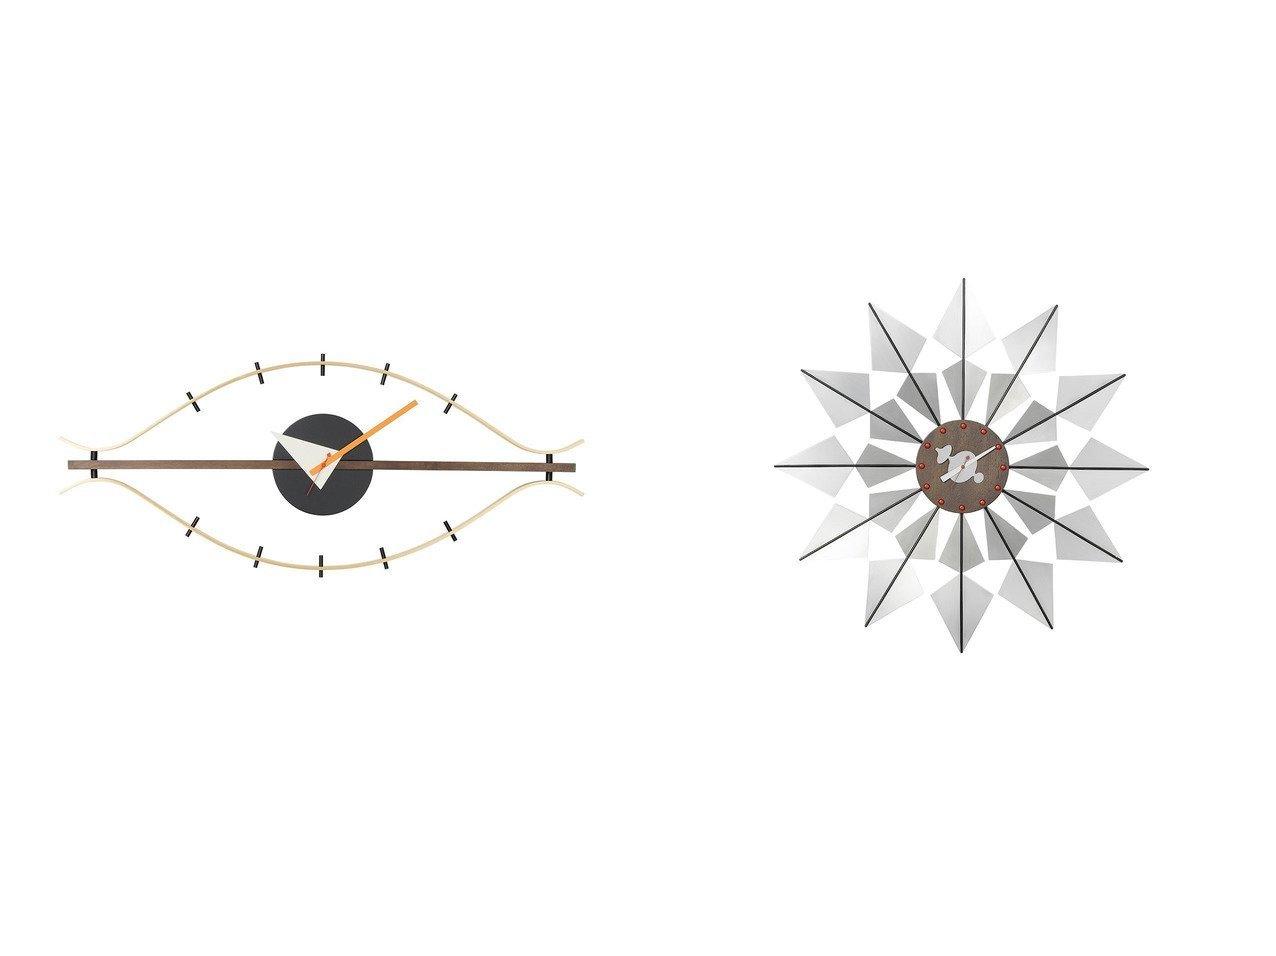 【Vitra/ヴィトラ】のウォール クロック アイ クロック&ウォール クロック フロック オブ バタフライズ 【FURNITURE】おすすめ!人気、インテリア・家具の通販 おすすめで人気の流行・トレンド、ファッションの通販商品 メンズファッション・キッズファッション・インテリア・家具・レディースファッション・服の通販 founy(ファニー) https://founy.com/ 腕時計 コレクション 時計 送料無料 Free Shipping  ID:crp329100000037984